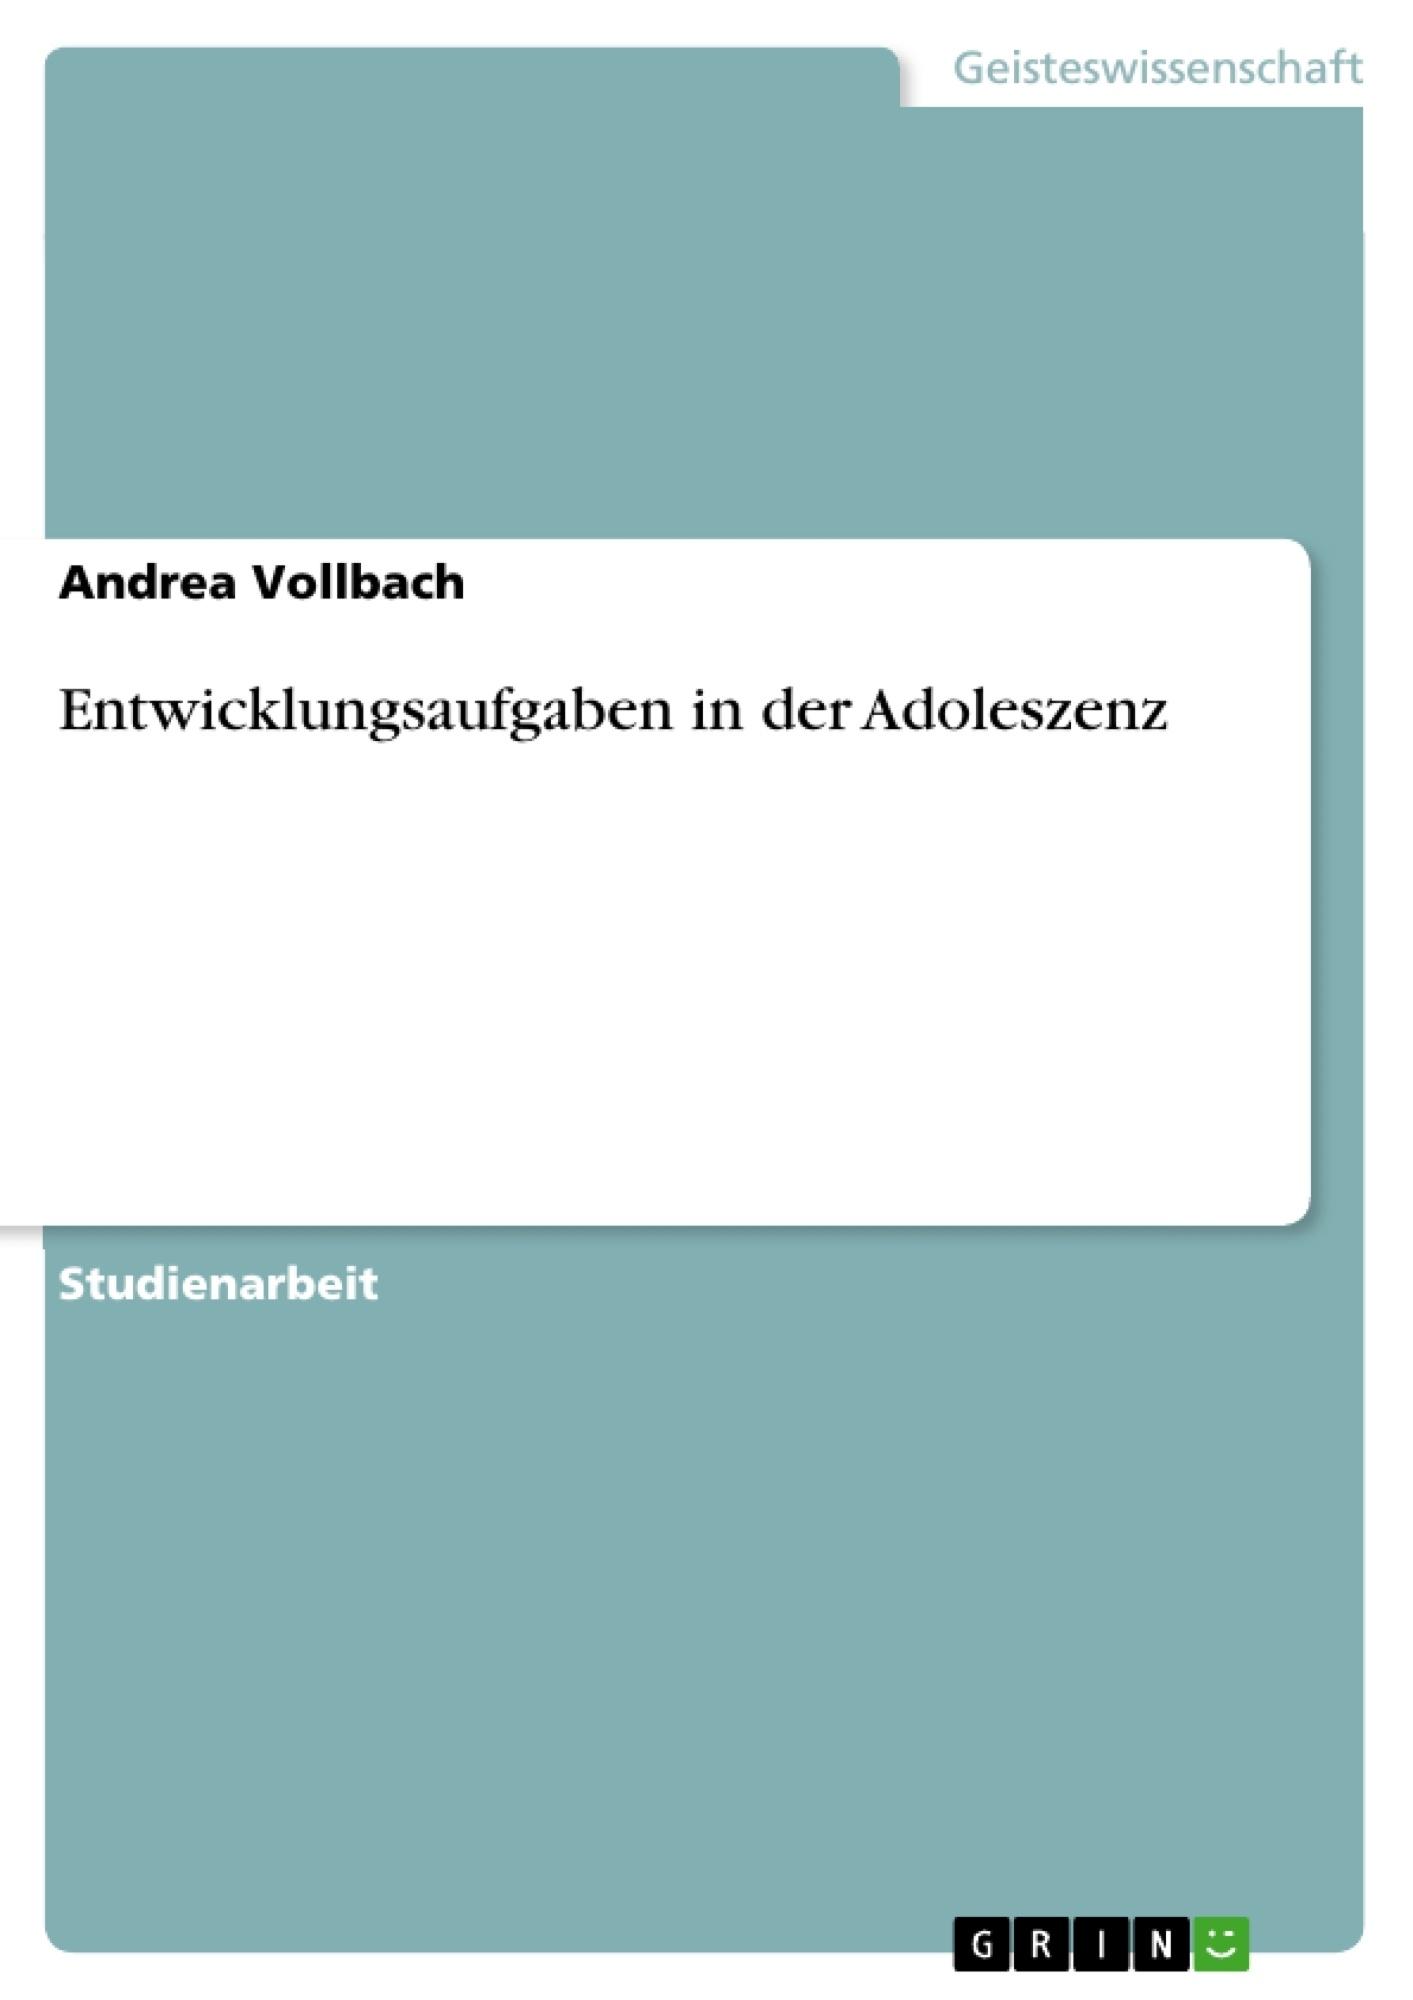 Titel: Entwicklungsaufgaben in der Adoleszenz